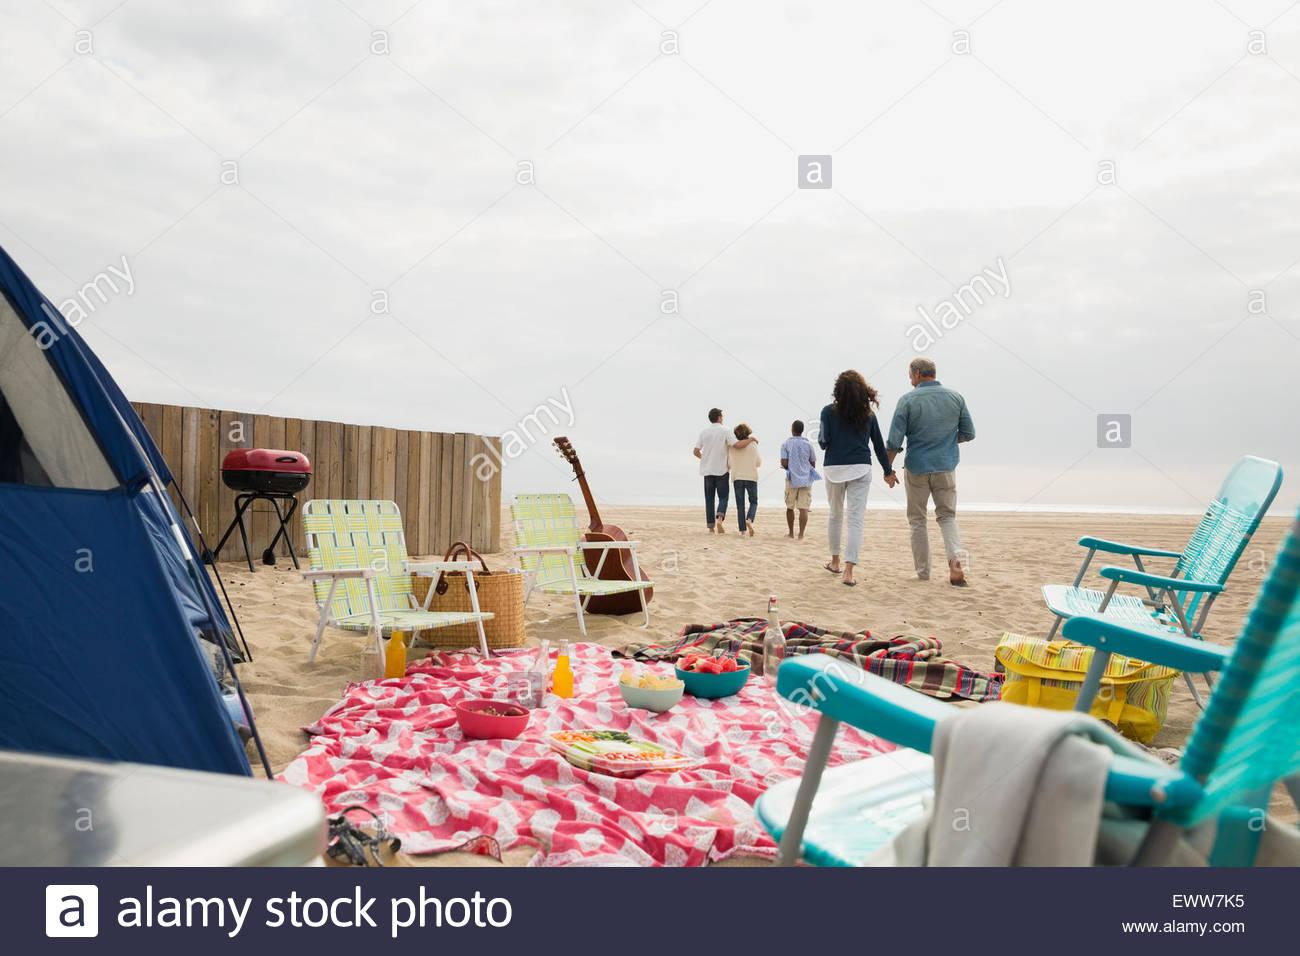 Amigos andando de picnic en la playa Imagen De Stock